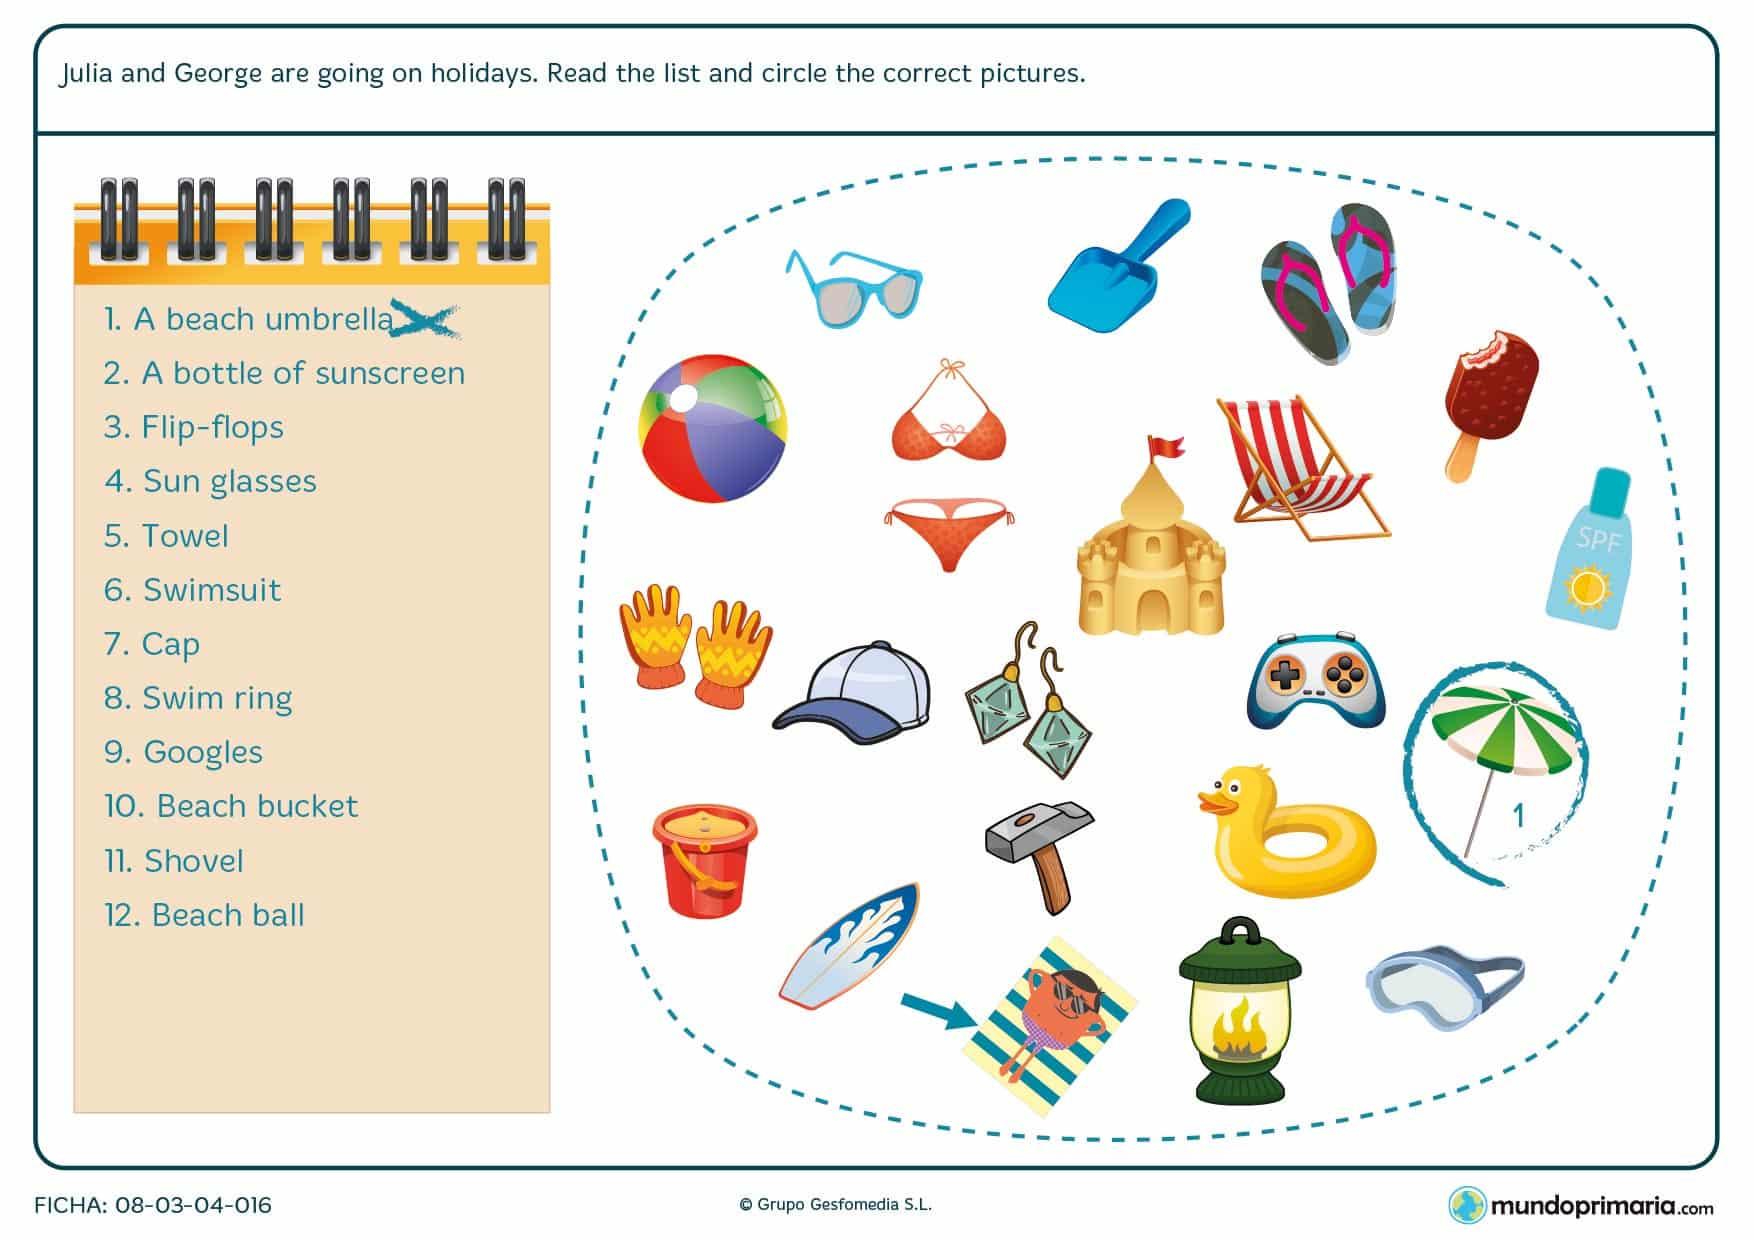 Lista de objetos que hay que llevar a la piscina con su imagen para relacionar